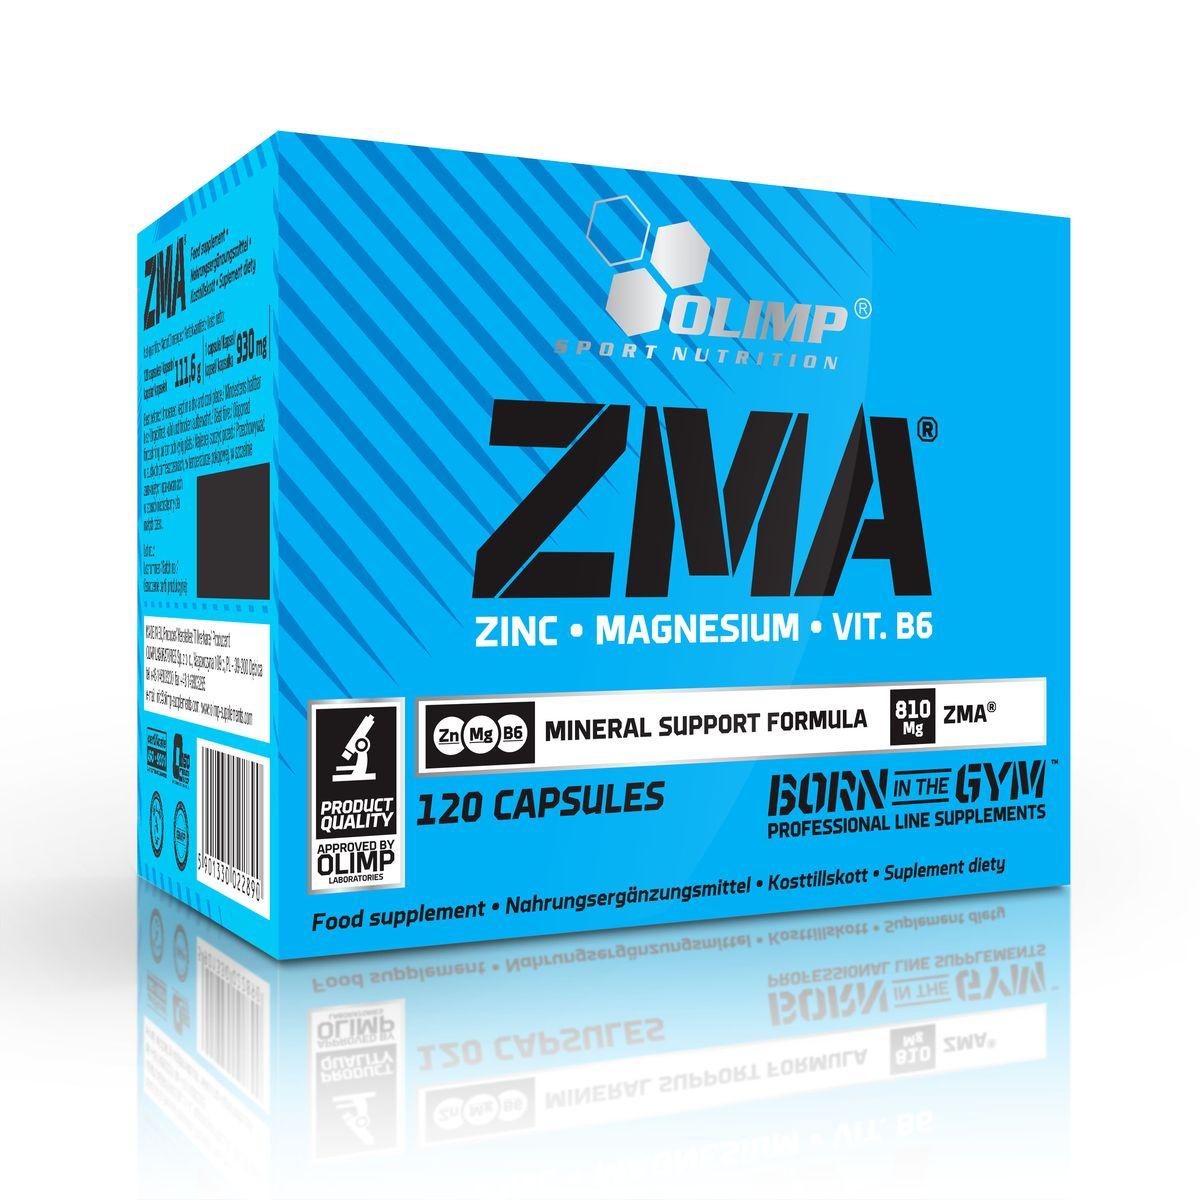 OLIMP ЗМА 120 капсO22890Olimp ZMA является продуктом, содержащим цинк и магний в хелатной форме, аминокислоты и витамин B6. Это анаболический комплекс нестероидного происхождения с антиоксидантной формулой. Индивидуальные вещества, содержащиеся в продукте, необходимы для повседневной защиты организма от различных неприятностей, таких как травмы, перенапряжения, связанные с интенсивными физическими нагрузками, отсутствие аппетита, и так называемый окислительный стресс. ZMA от Olimp способствует повышению уровня и активности тестостерона и увеличивает уровень IGF-I и лептина, который отвечает за более эффективное использования энергии, повышает силовые показатели и увеличивает выносливость организма. Препарат уменьшает катаболизм белка, поддерживает построение мышечной массы, предотвращает спазмы мышц, облегчает болевые ощущения в мышцах, вызванные физической нагрузкой. Olimp ZMA нейтрализует побочные эффекты перетренированности, способствует восстановлению организма и предотвращает возникновение...